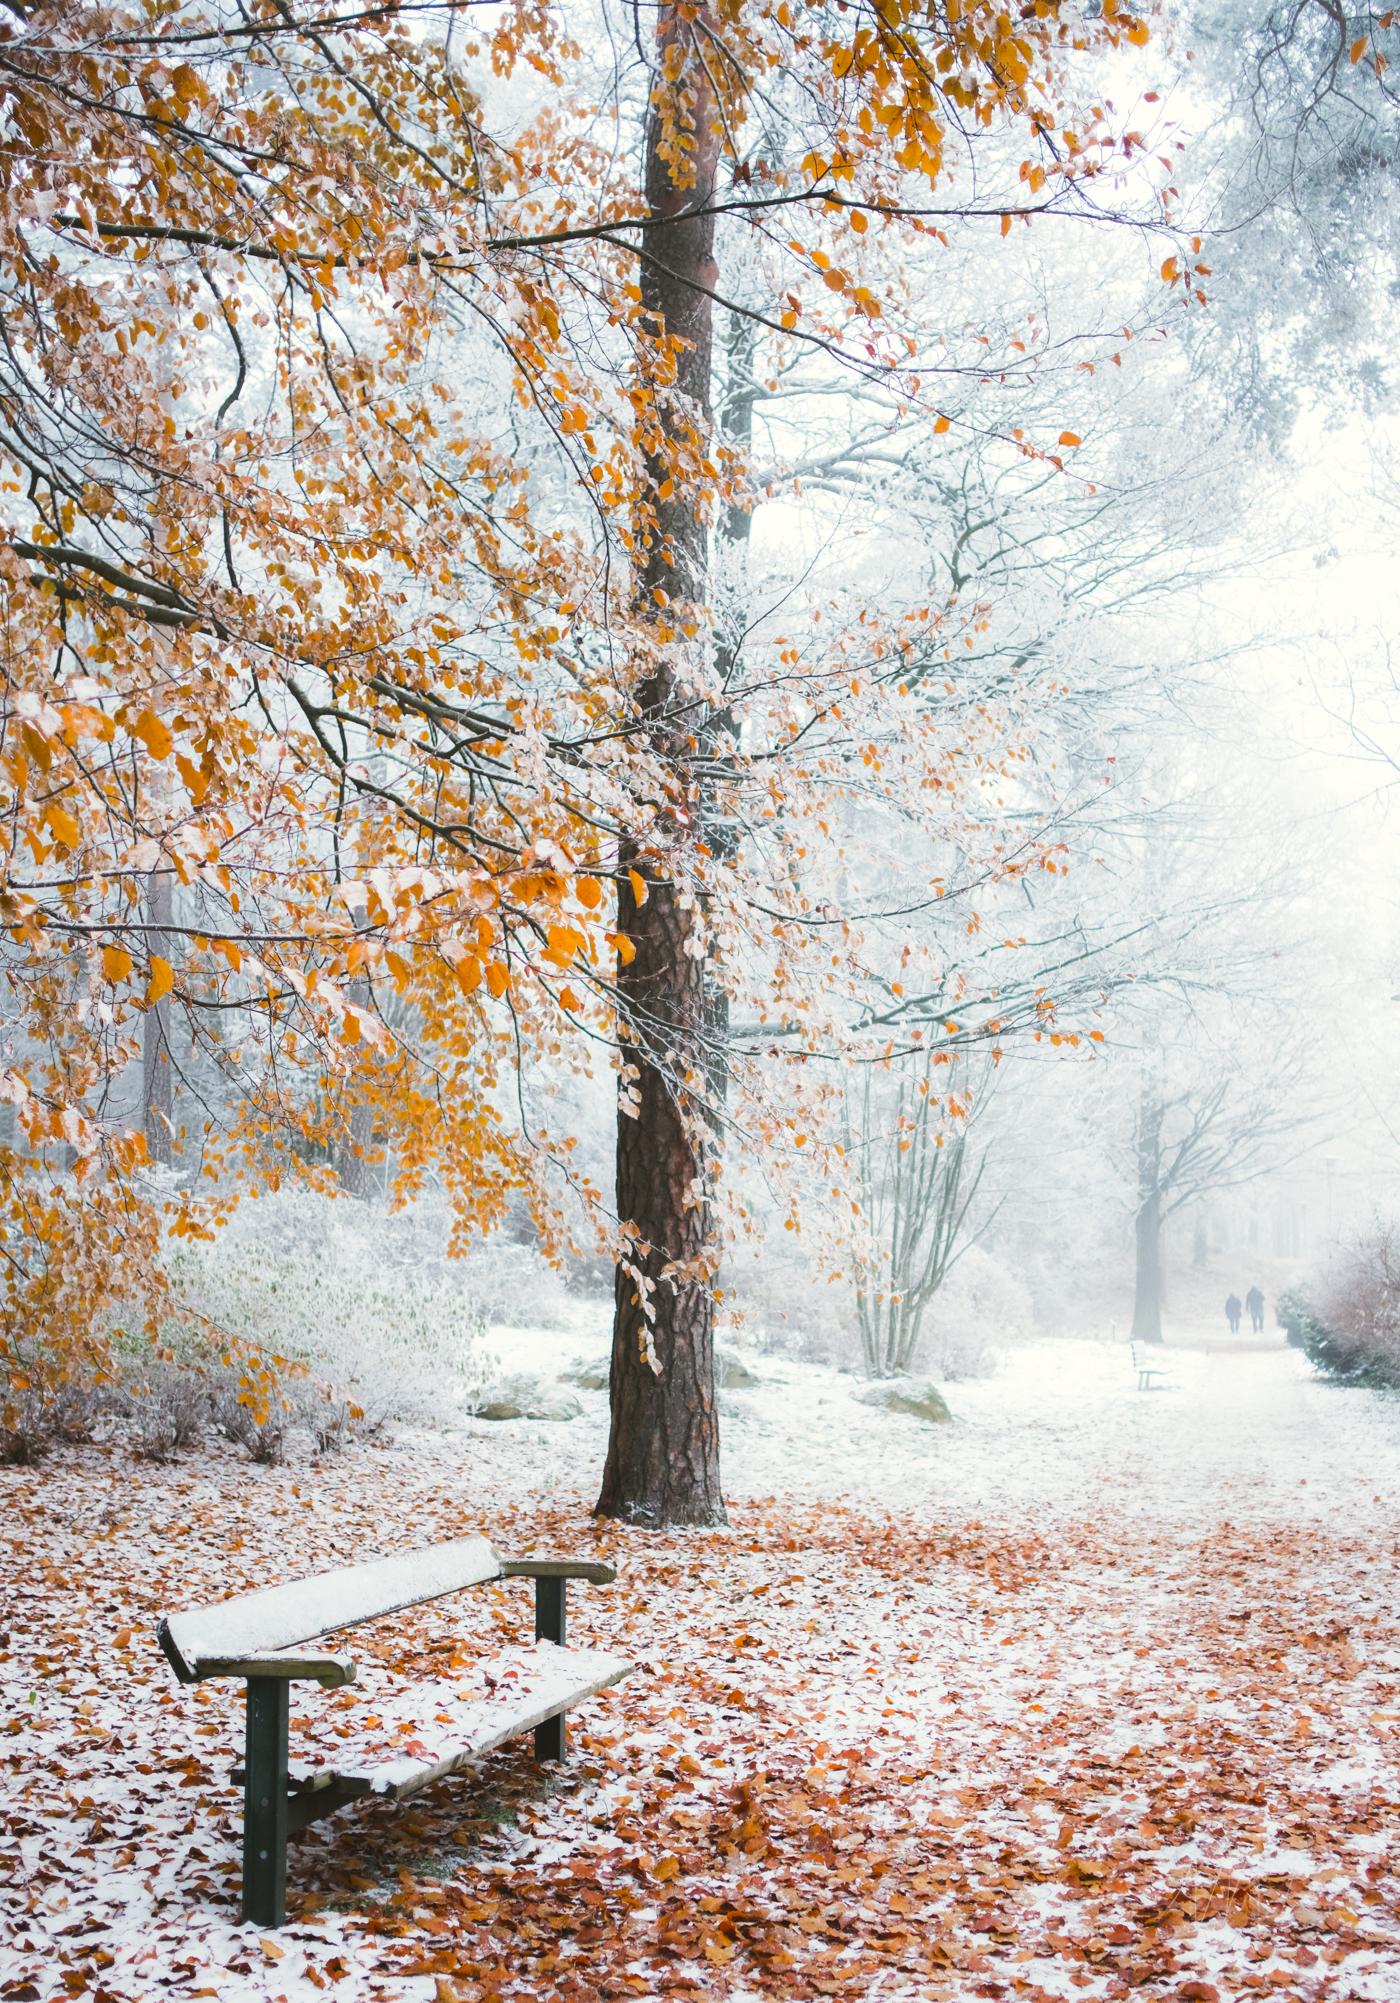 Naturfoto_Annelundsparken_max-norin-26-Redigera.jpg